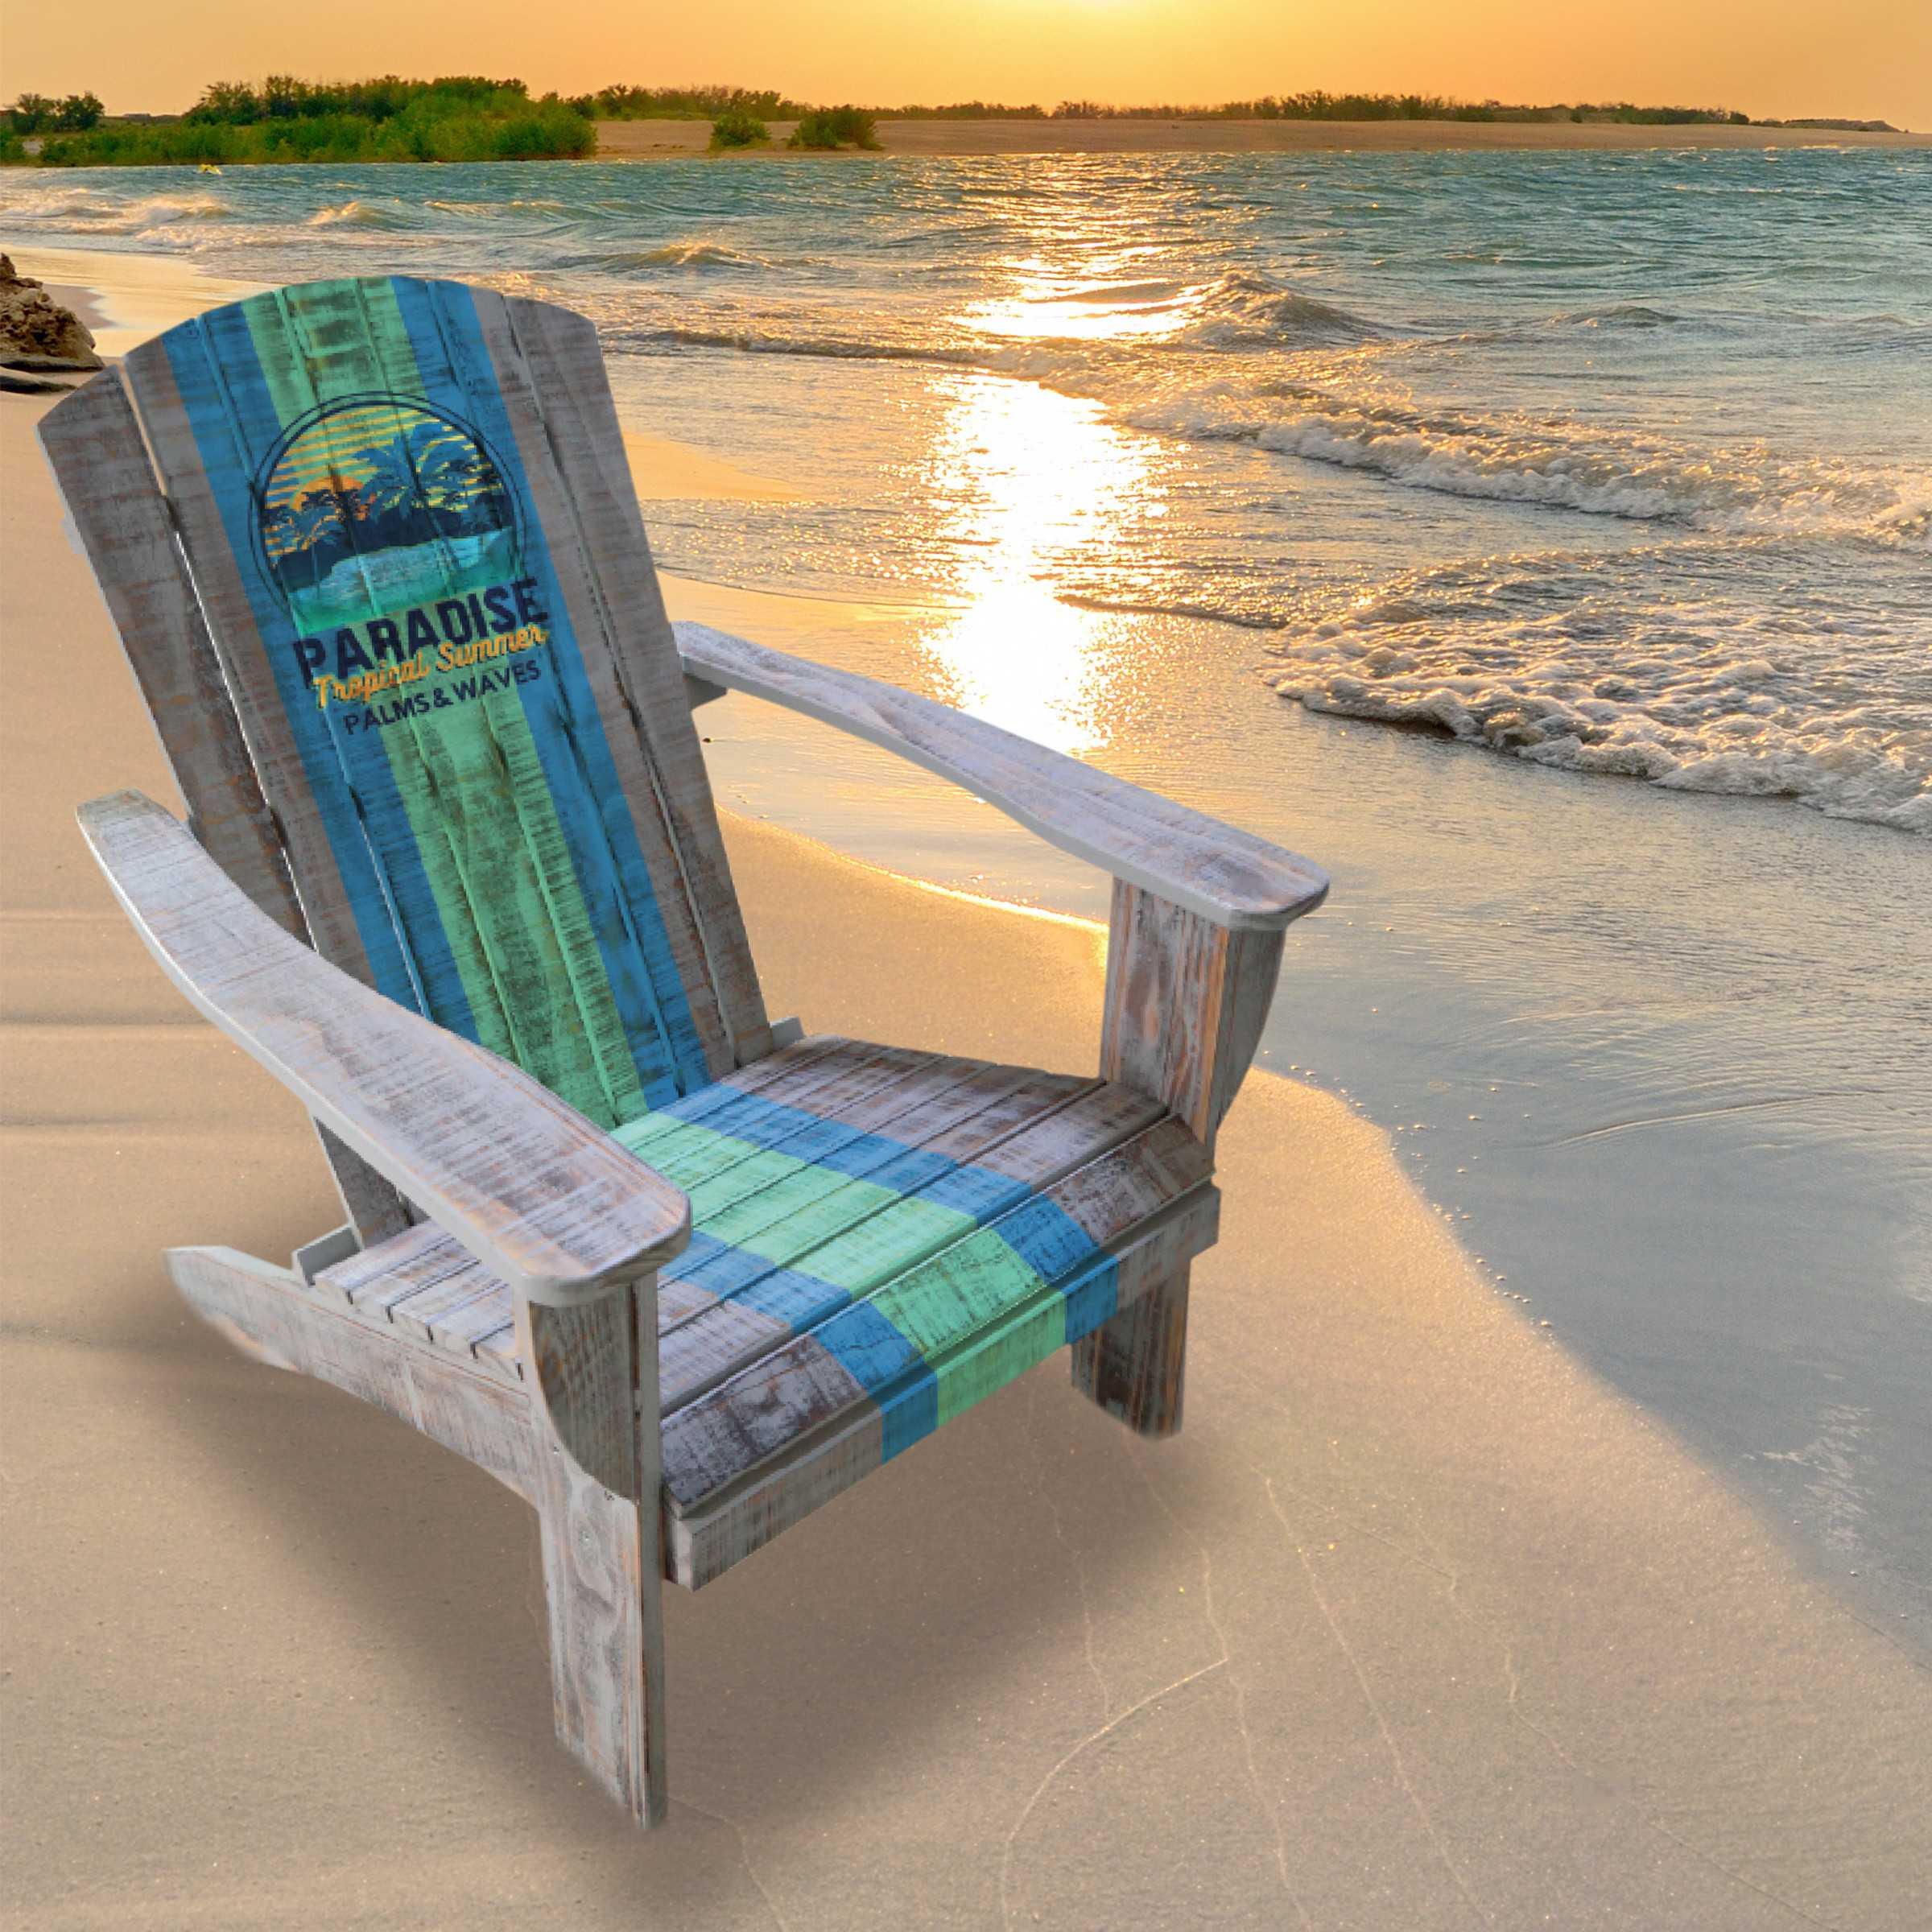 ADIRONDACK CHAIR, BEACH